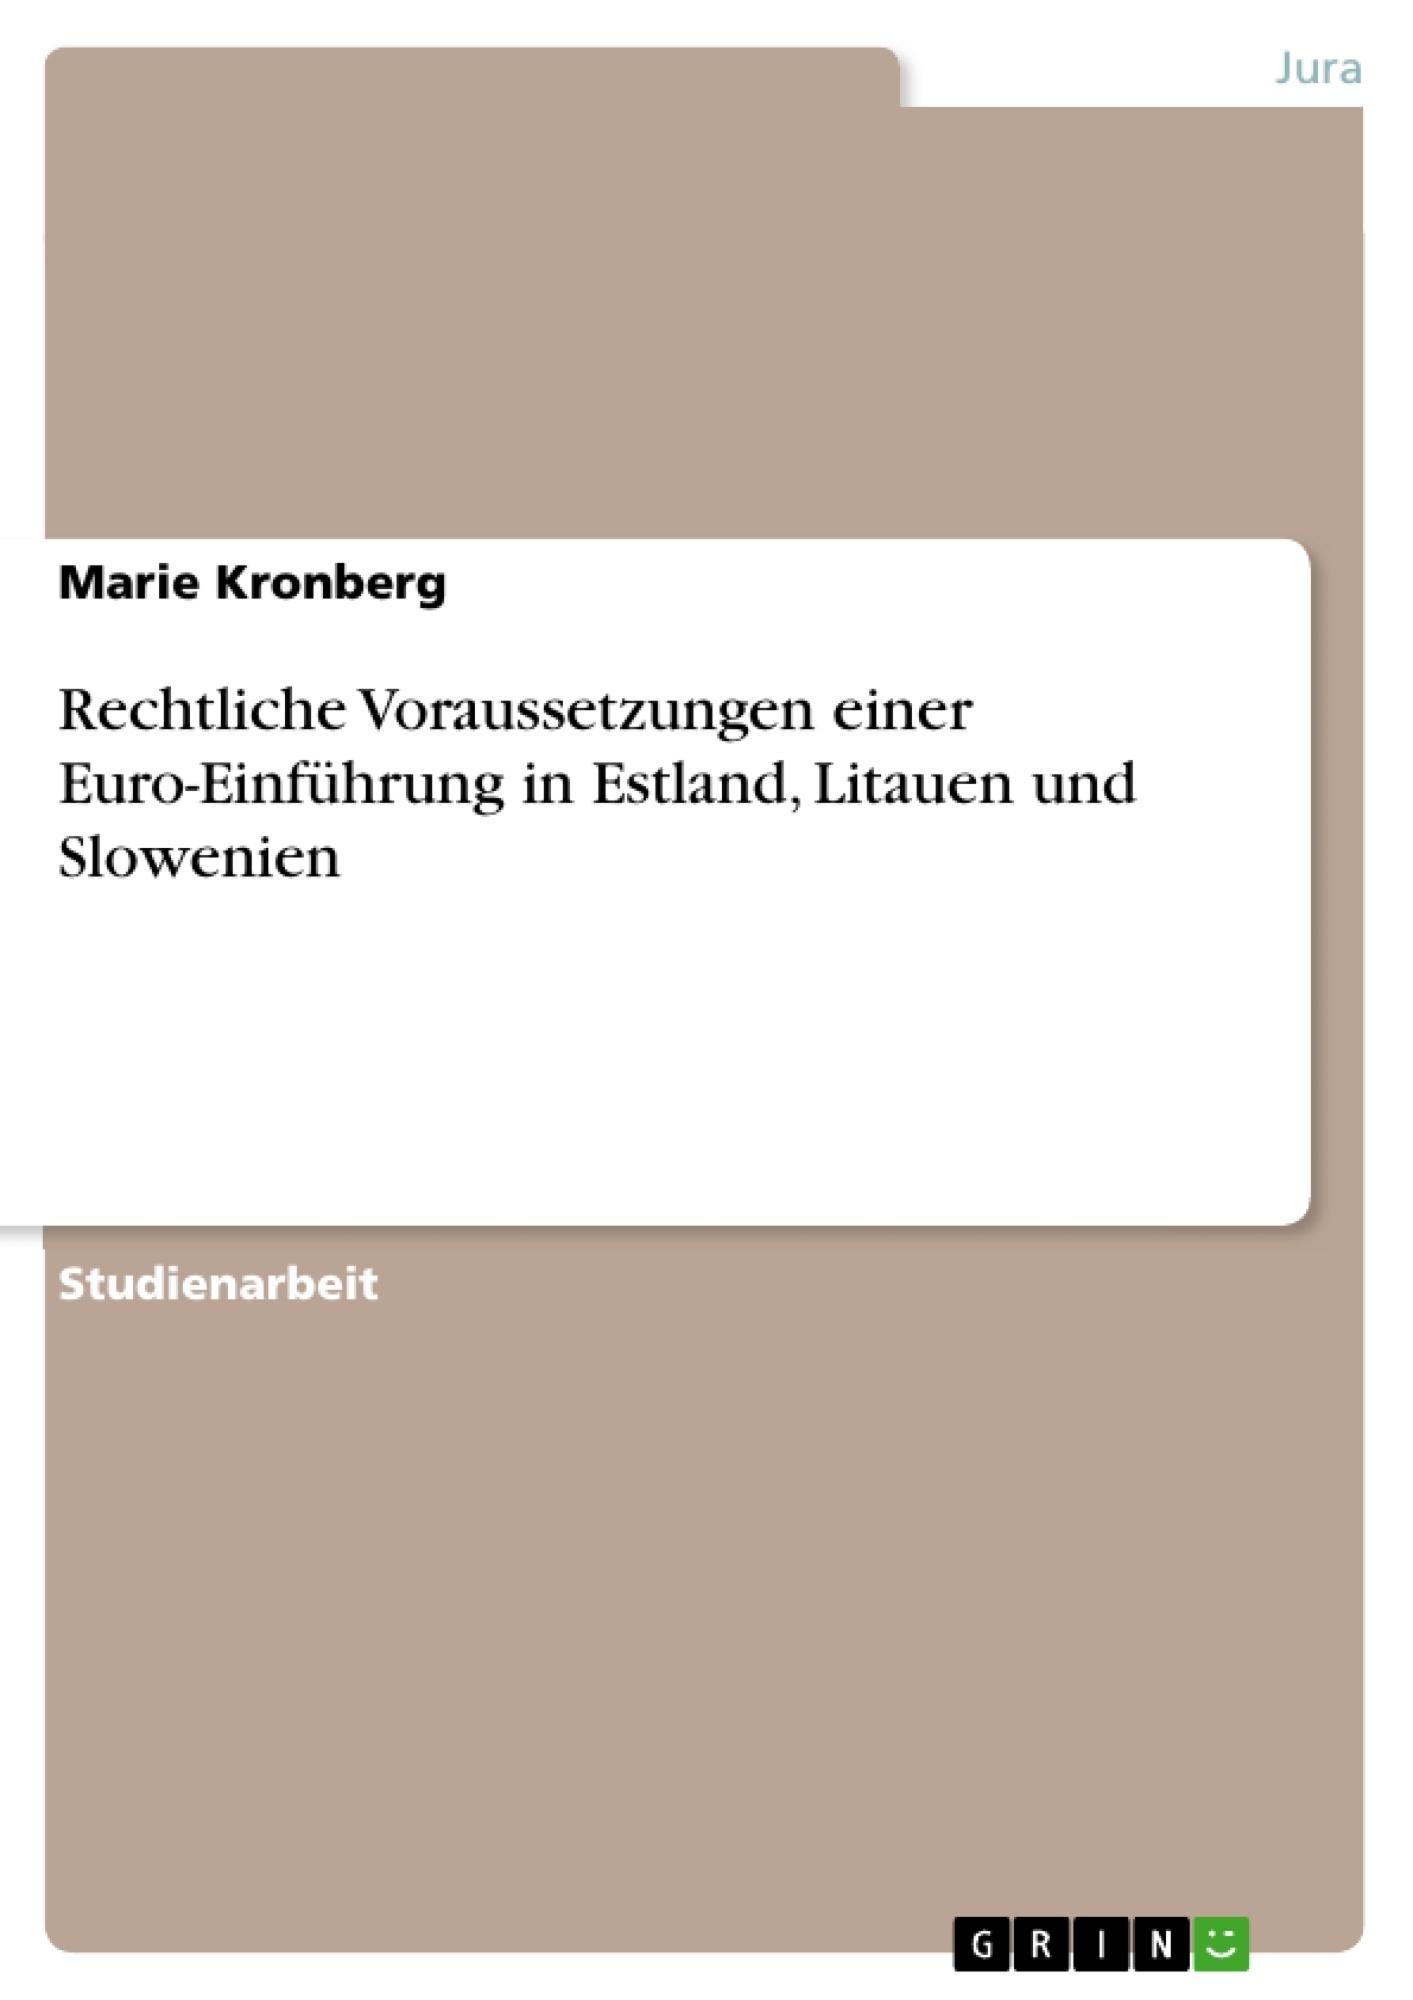 Titel: Rechtliche Voraussetzungen einer Euro-Einführung in Estland, Litauen und Slowenien